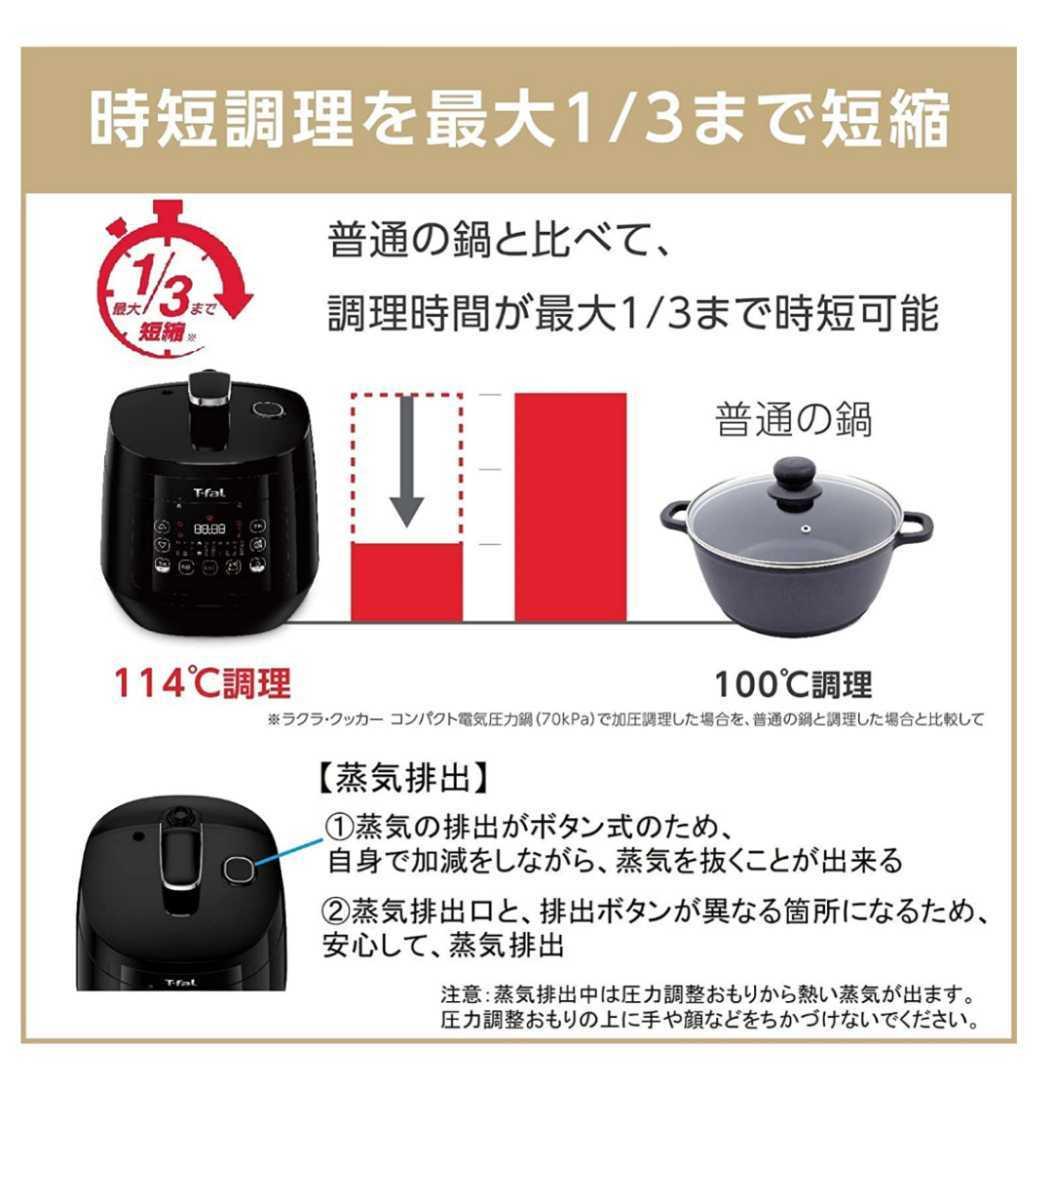 ☆【新品 即決 送料無料】ティファール 電気圧力鍋 圧力鍋 ラクラ・クッカー コンパクト ブラック CY3508JP